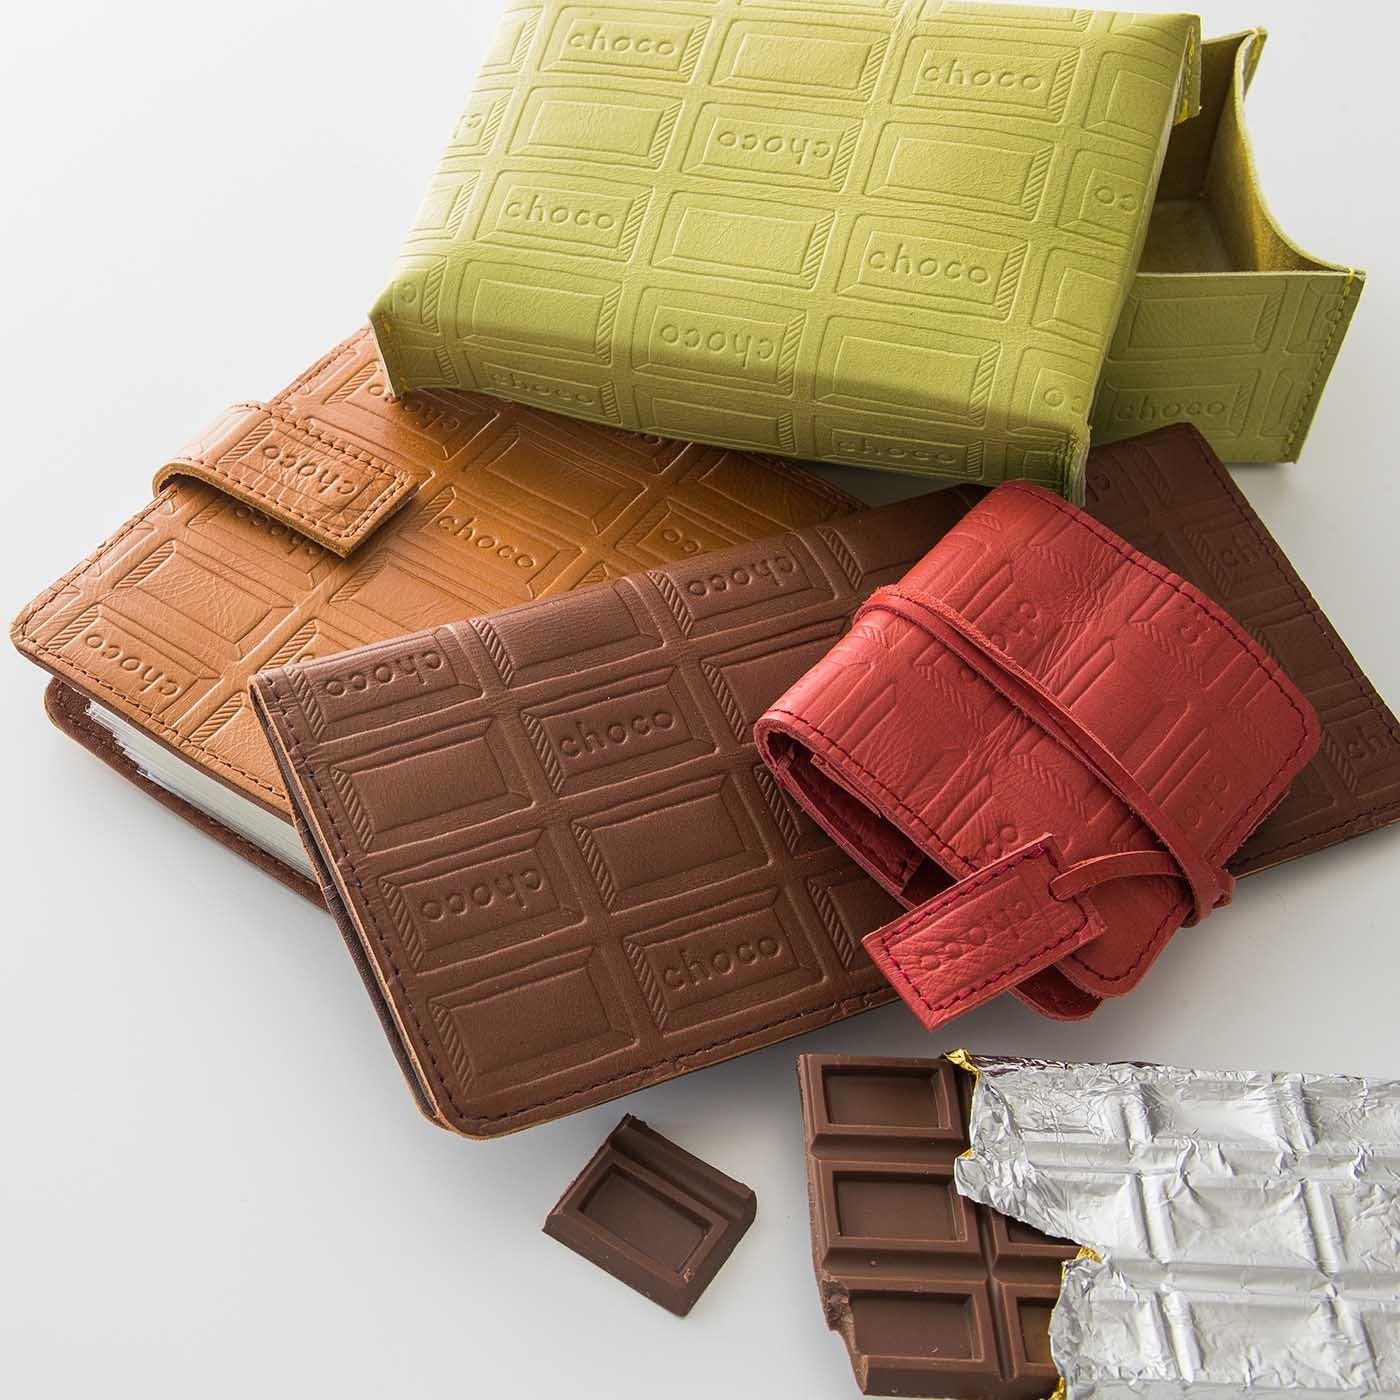 日本職人の本革仕立て チョコレートバイヤーのお仕事7つ道具